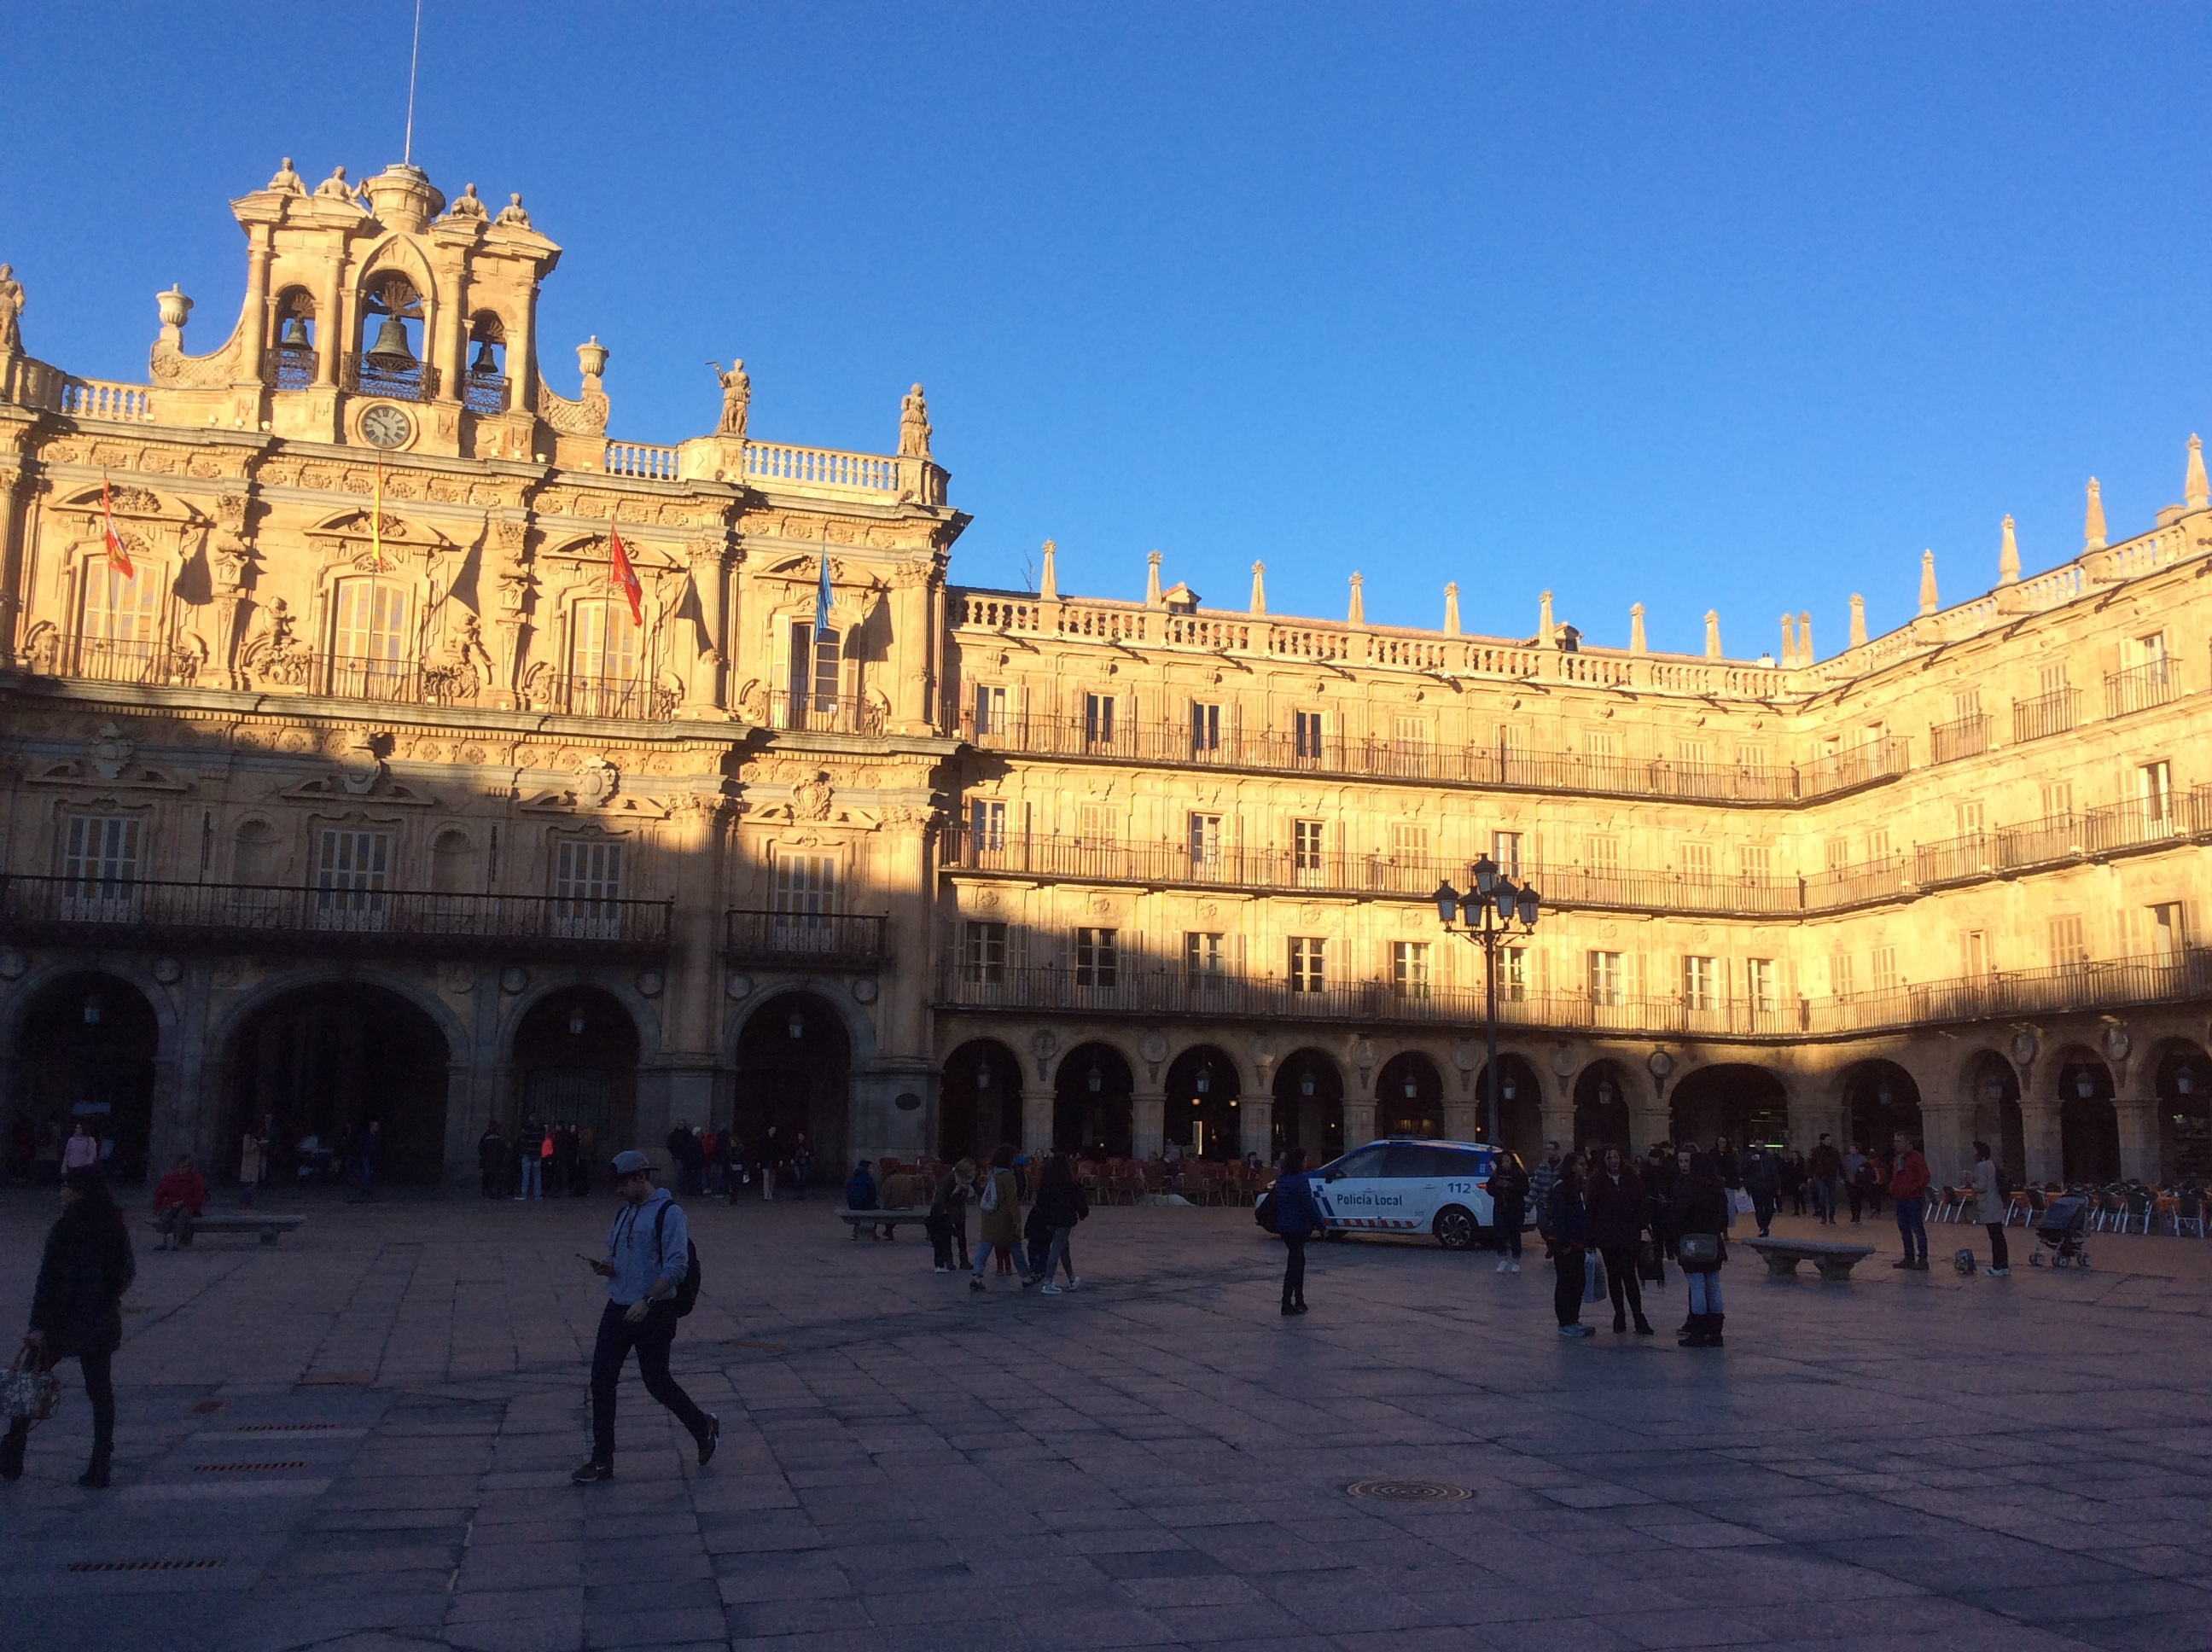 スペイン国内でも一番美しいと言われるサラマンカ・マヨール広場の朝の出勤時の光景